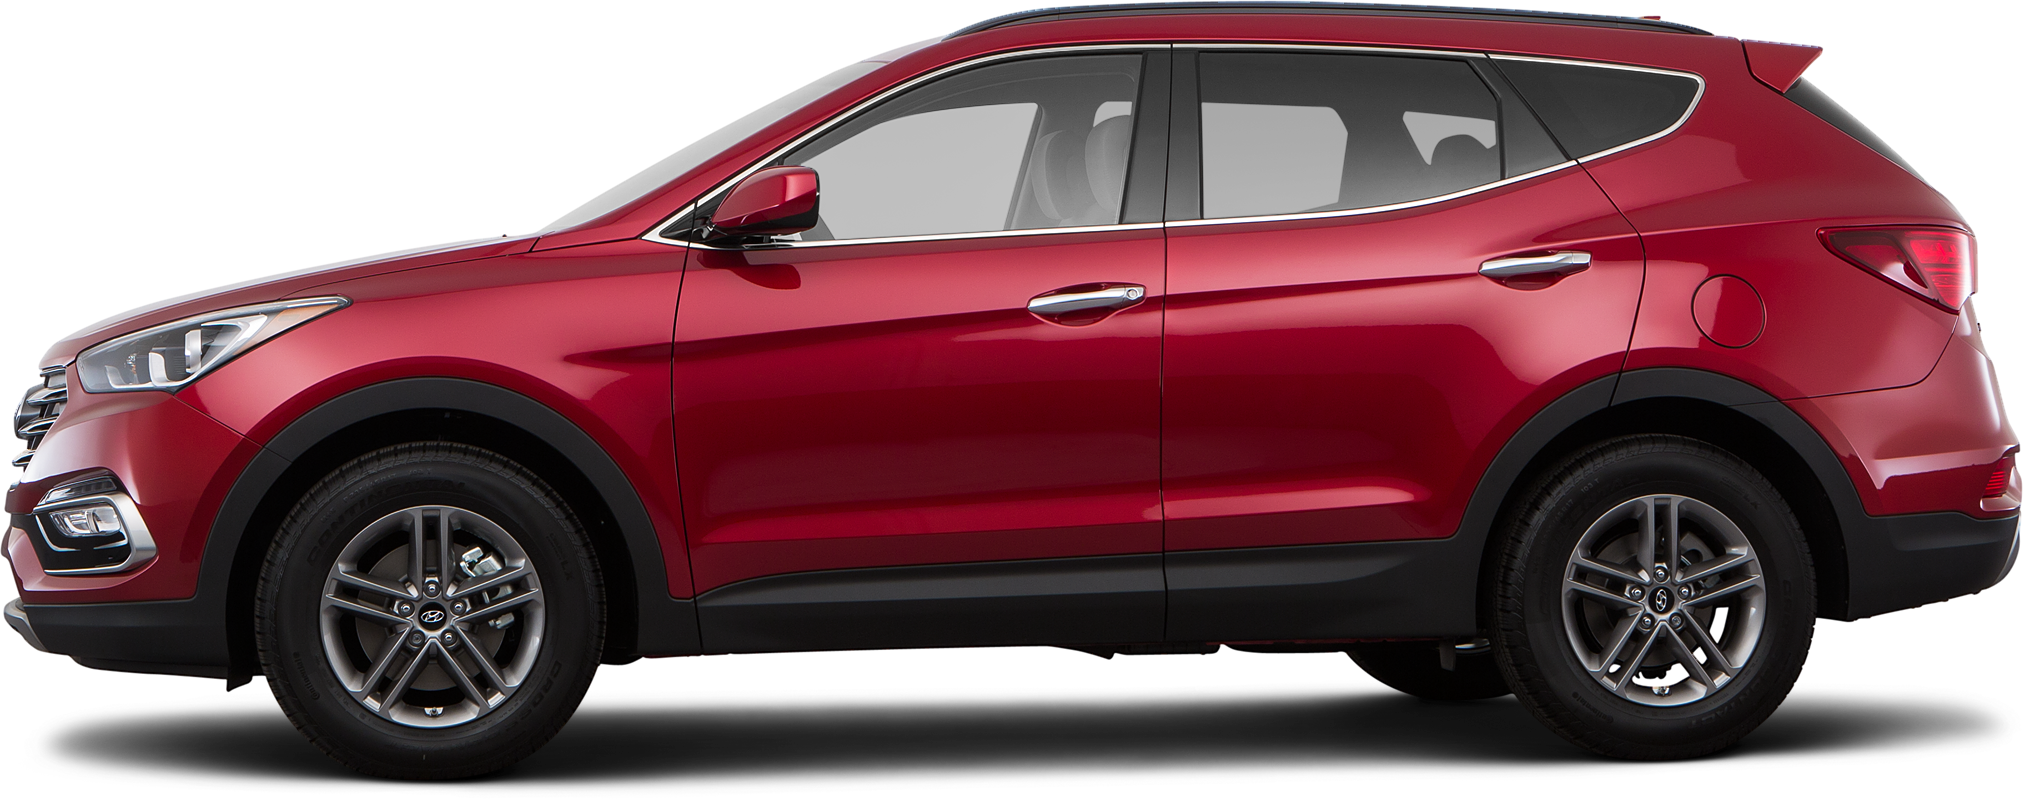 2018 Hyundai Santa Fe Sport VUS 2.4 de base